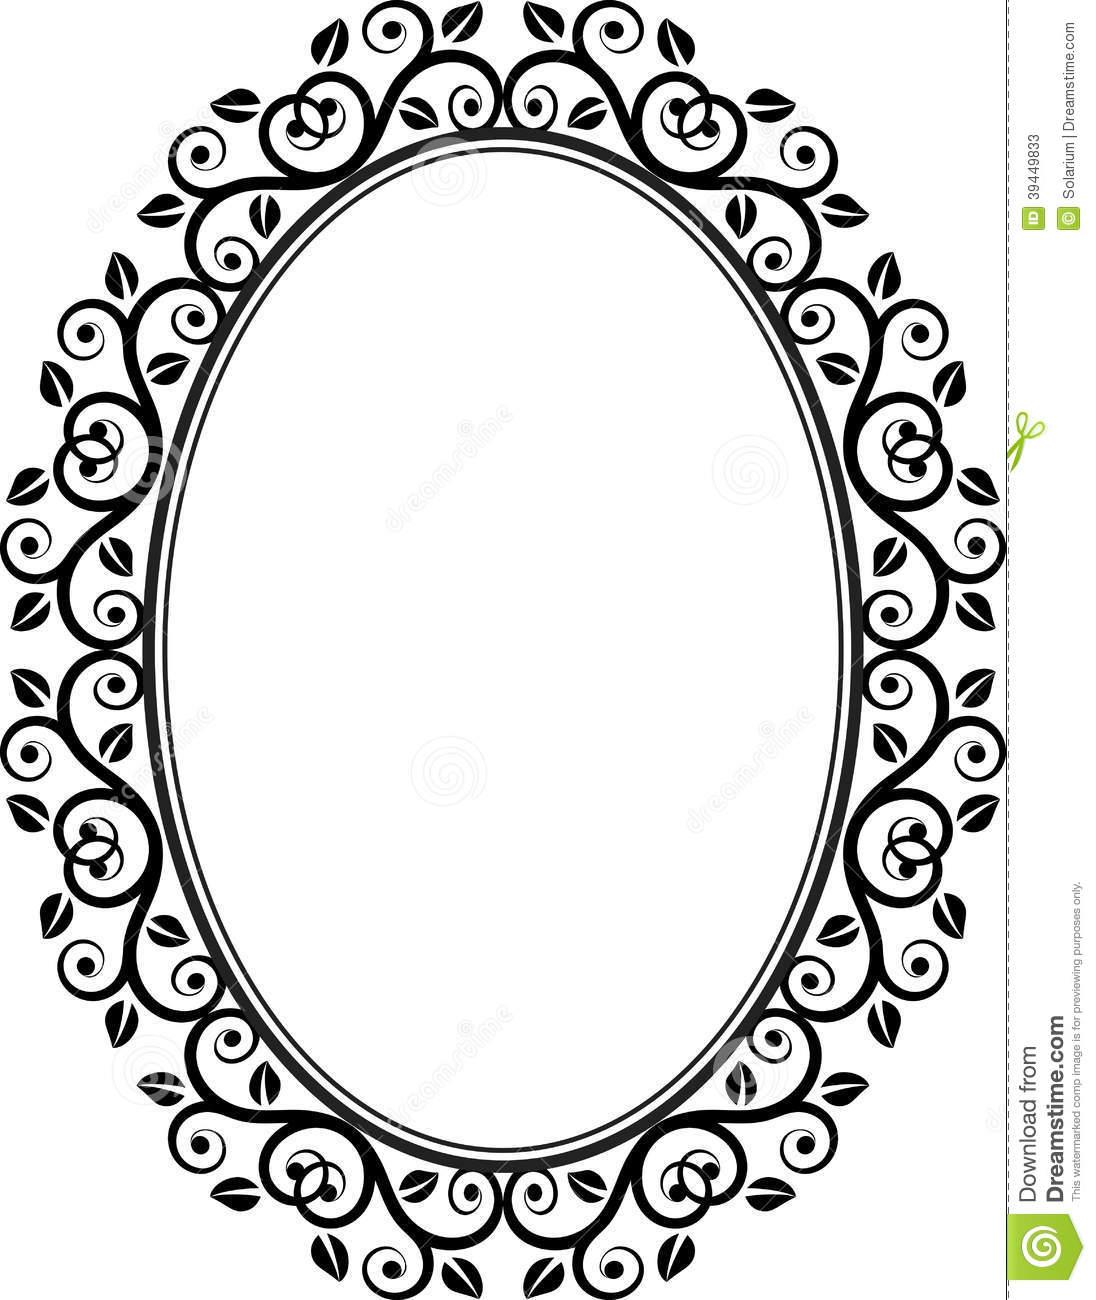 Floral oval frame.